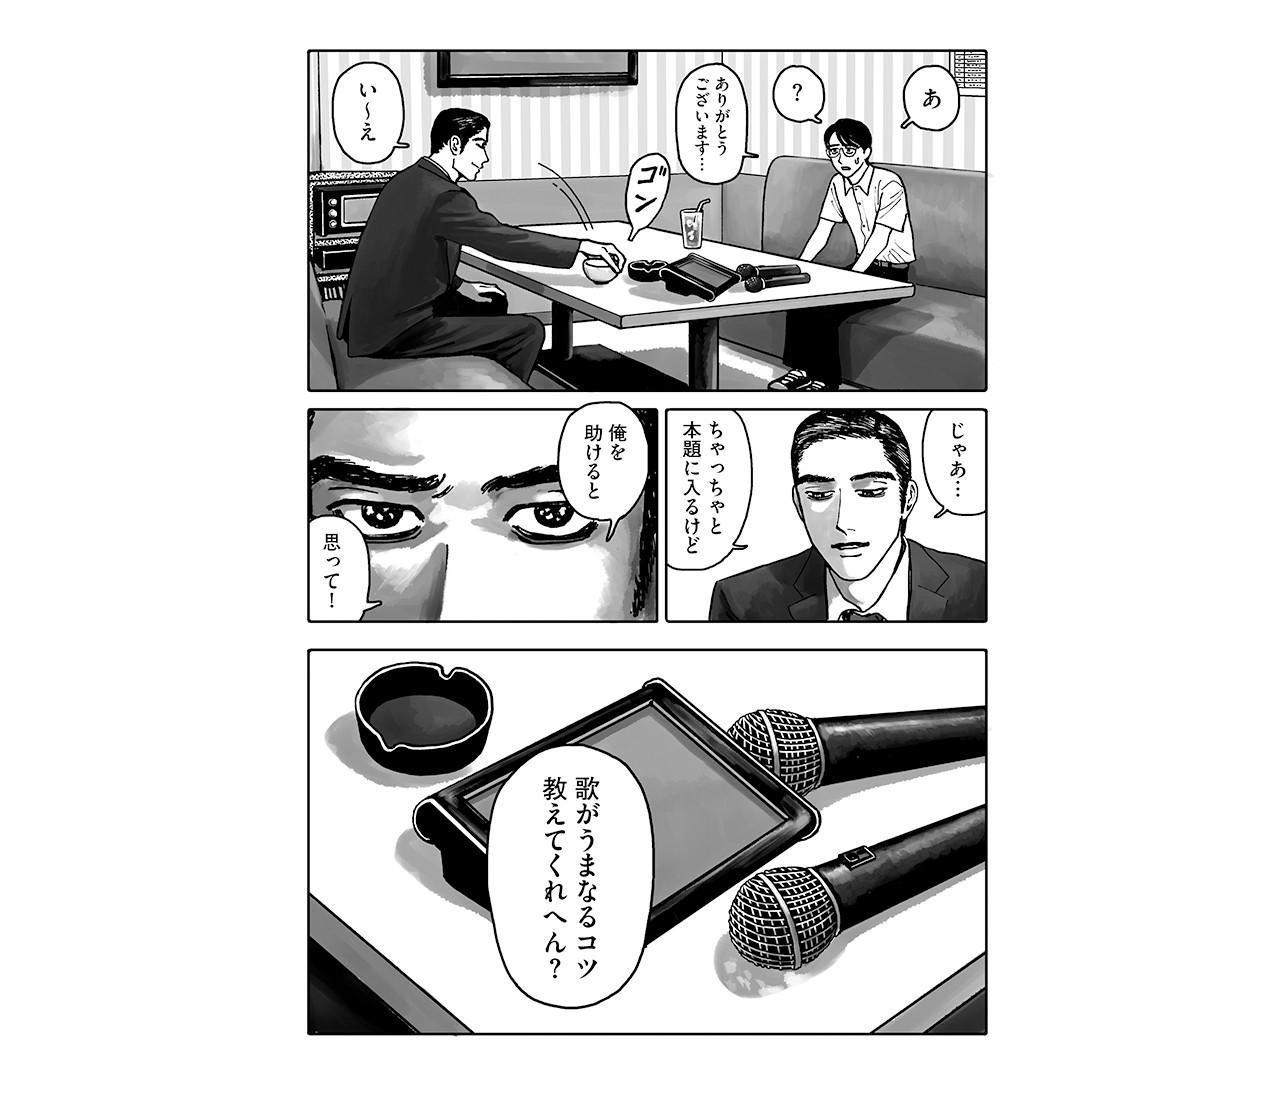 【バイラ女子におすすめのコミック】和山やまの最新作『カラオケ行こ!』をレビュー